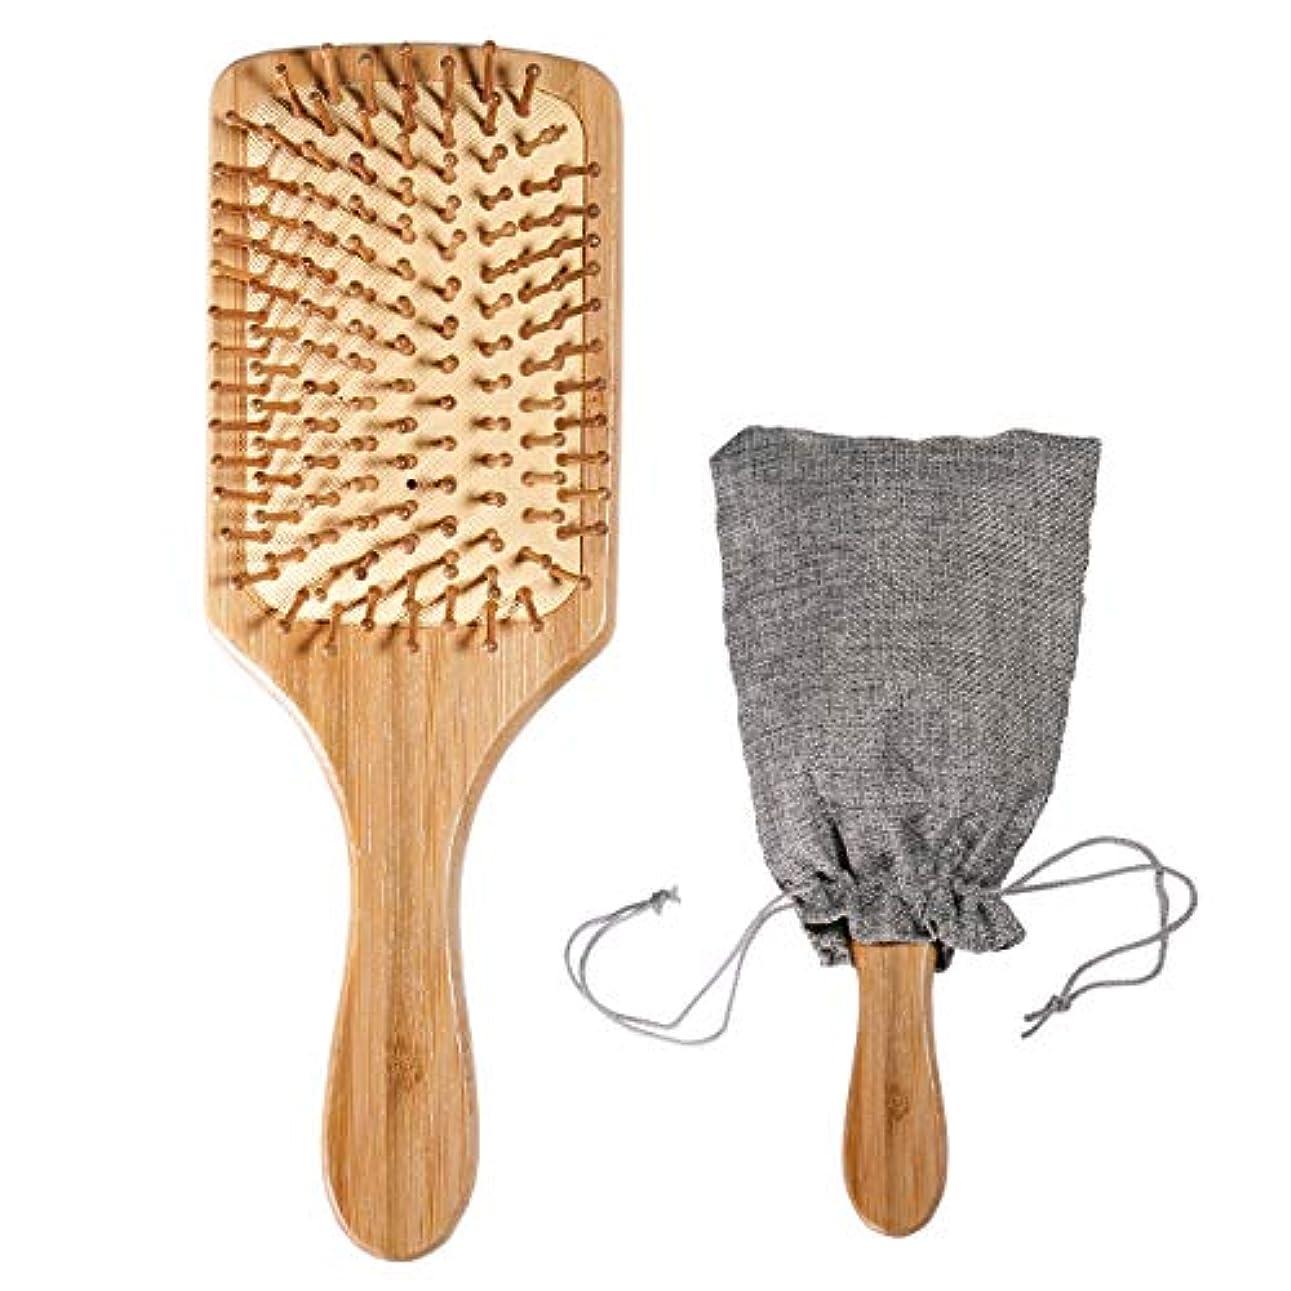 効率ディスコ楽しませる木製 竹ヘアブラシ(頭皮マッサージ 美髪ケア)ブラシクリーナー&巾着 付き